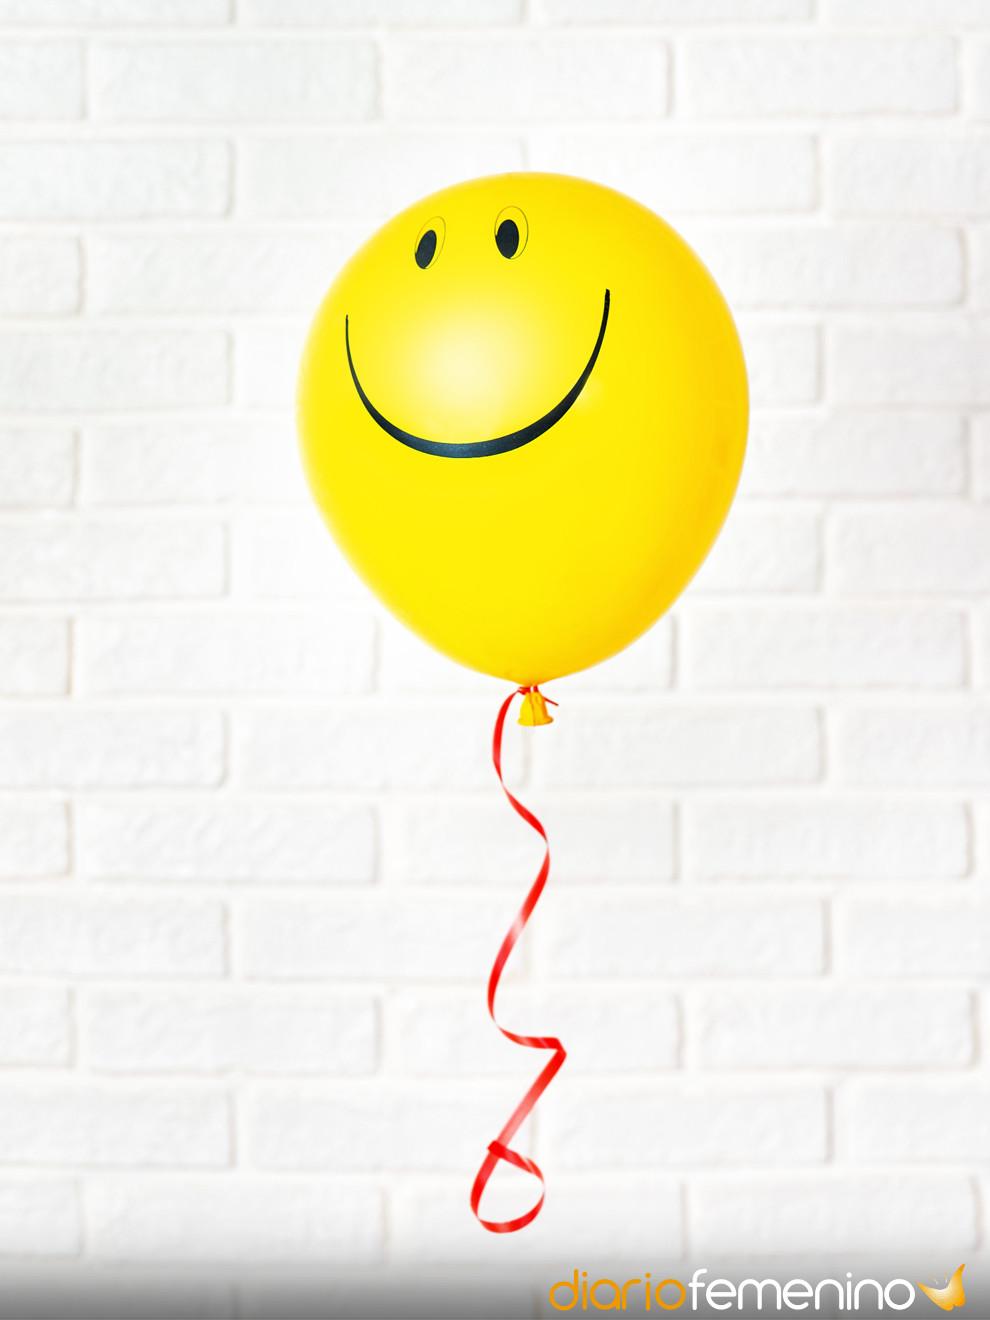 Frases Filosóficas Sobre La Felicidad Que Cambiarán Tu Visión De La Vida